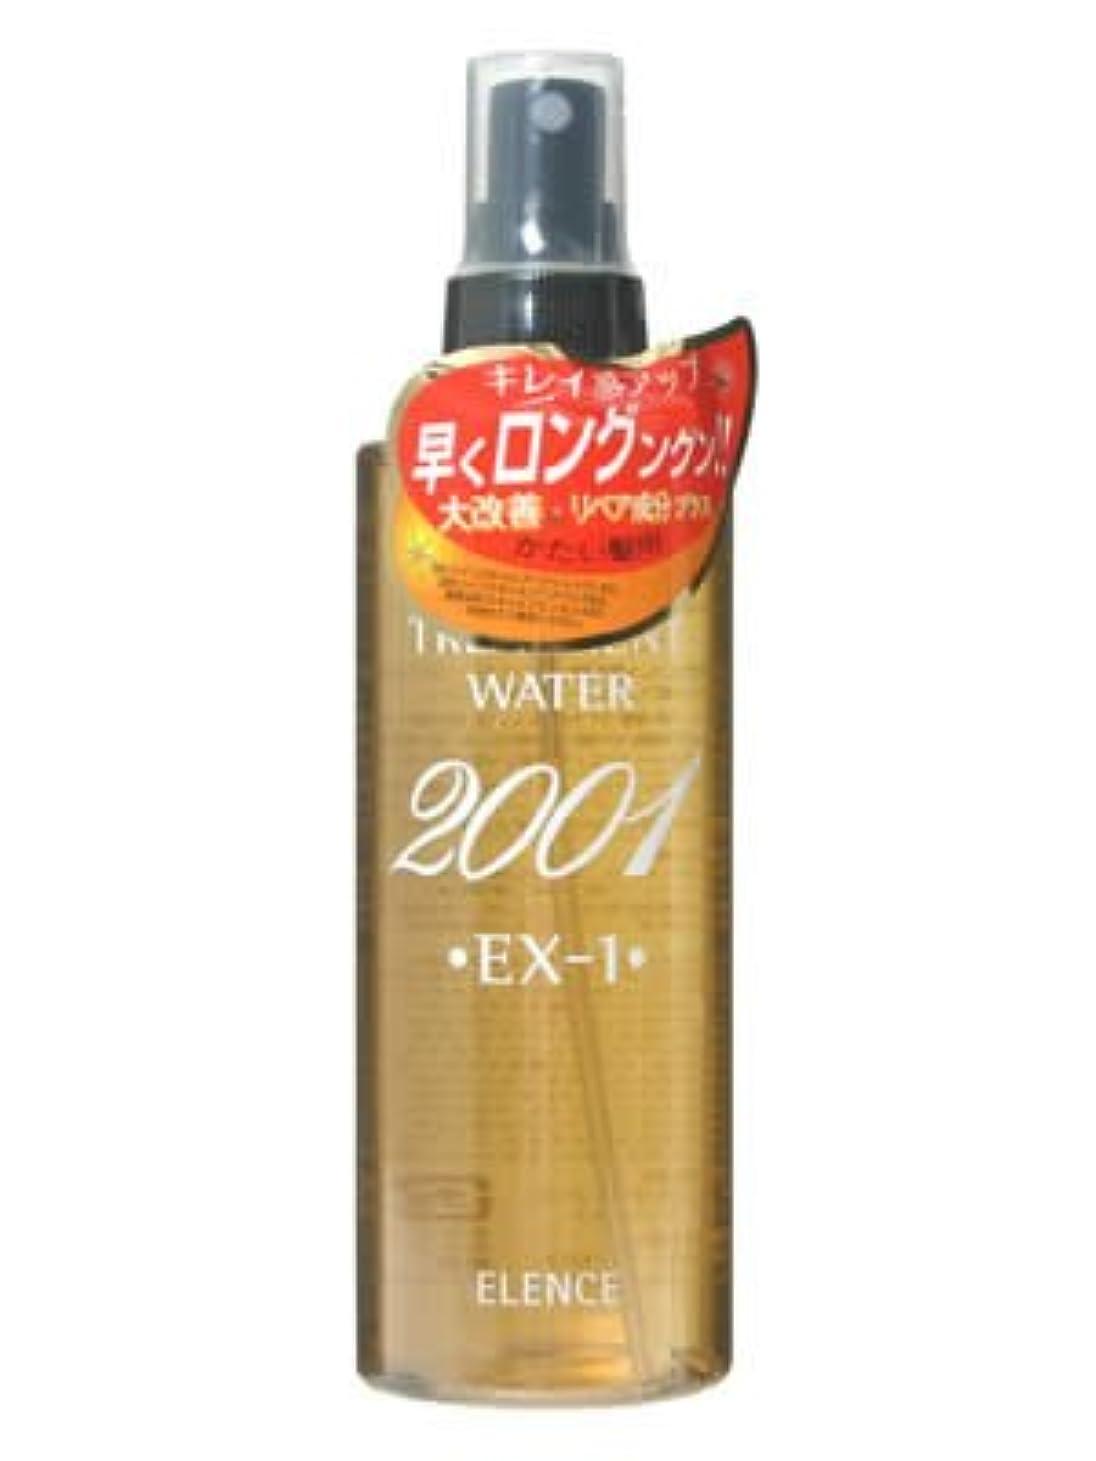 間違いアライアンス遠洋のエレンス2001 スキャルプトリートメントウォーターEX-1(かたい髪用)